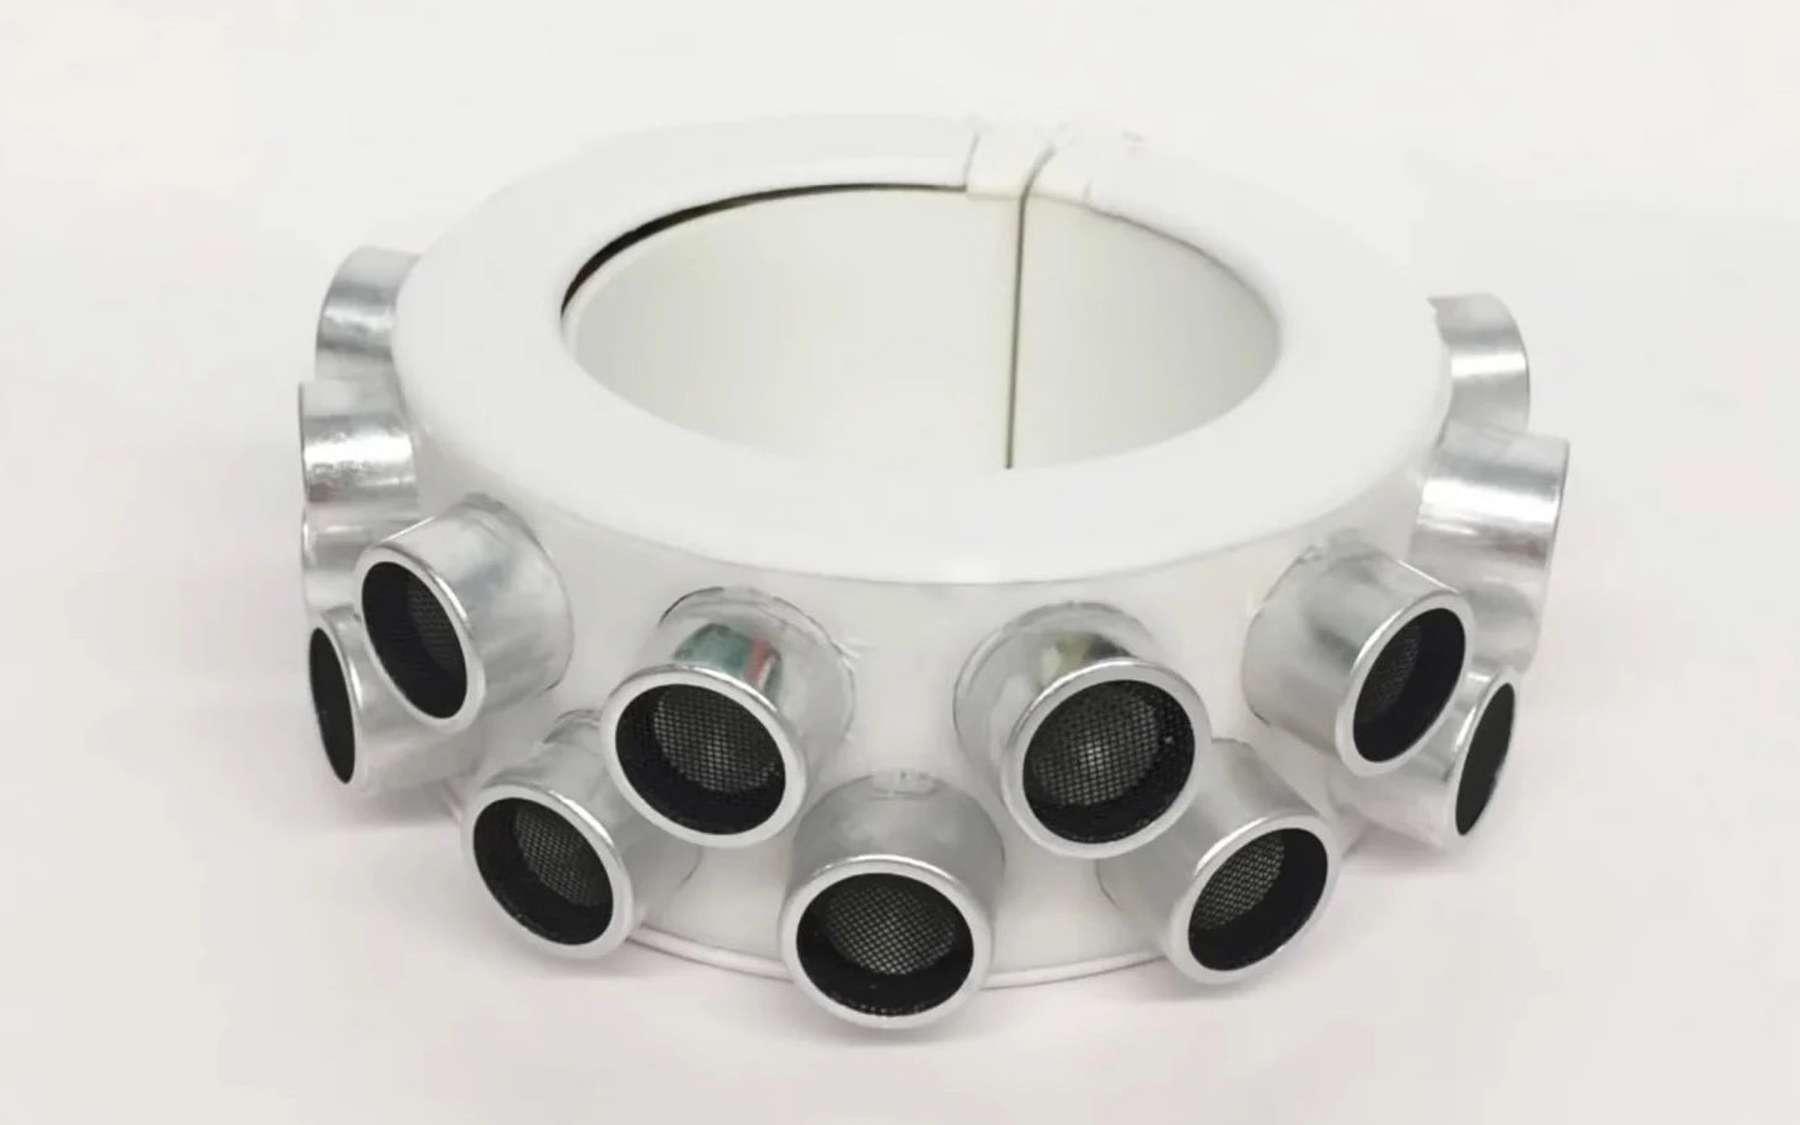 Ce gros bracelet diffuse des ultrasons pour créer une barrière contre les oreilles des objets connectés. © HCI Lab UChicago